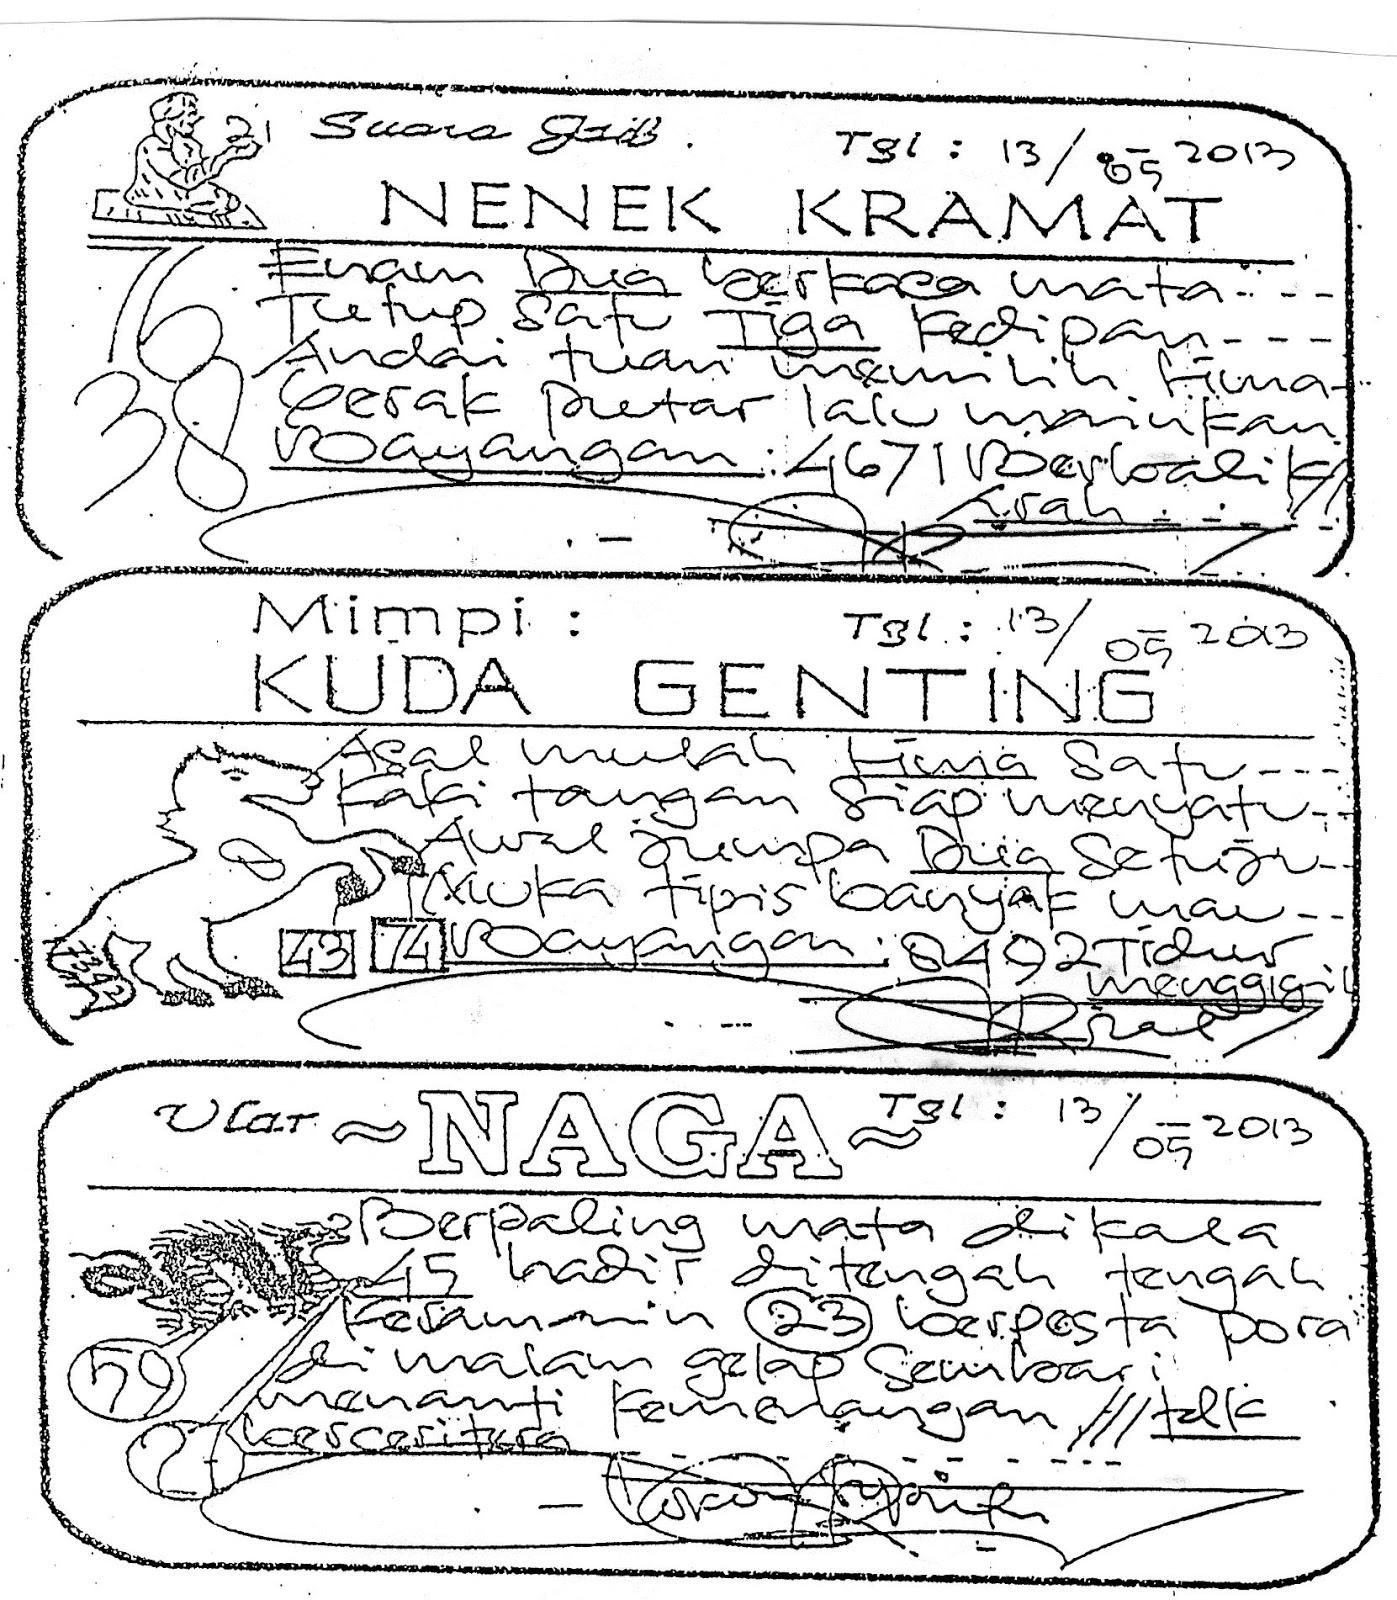 Prediksi dan Syair SGP,Senin,13/5/2013